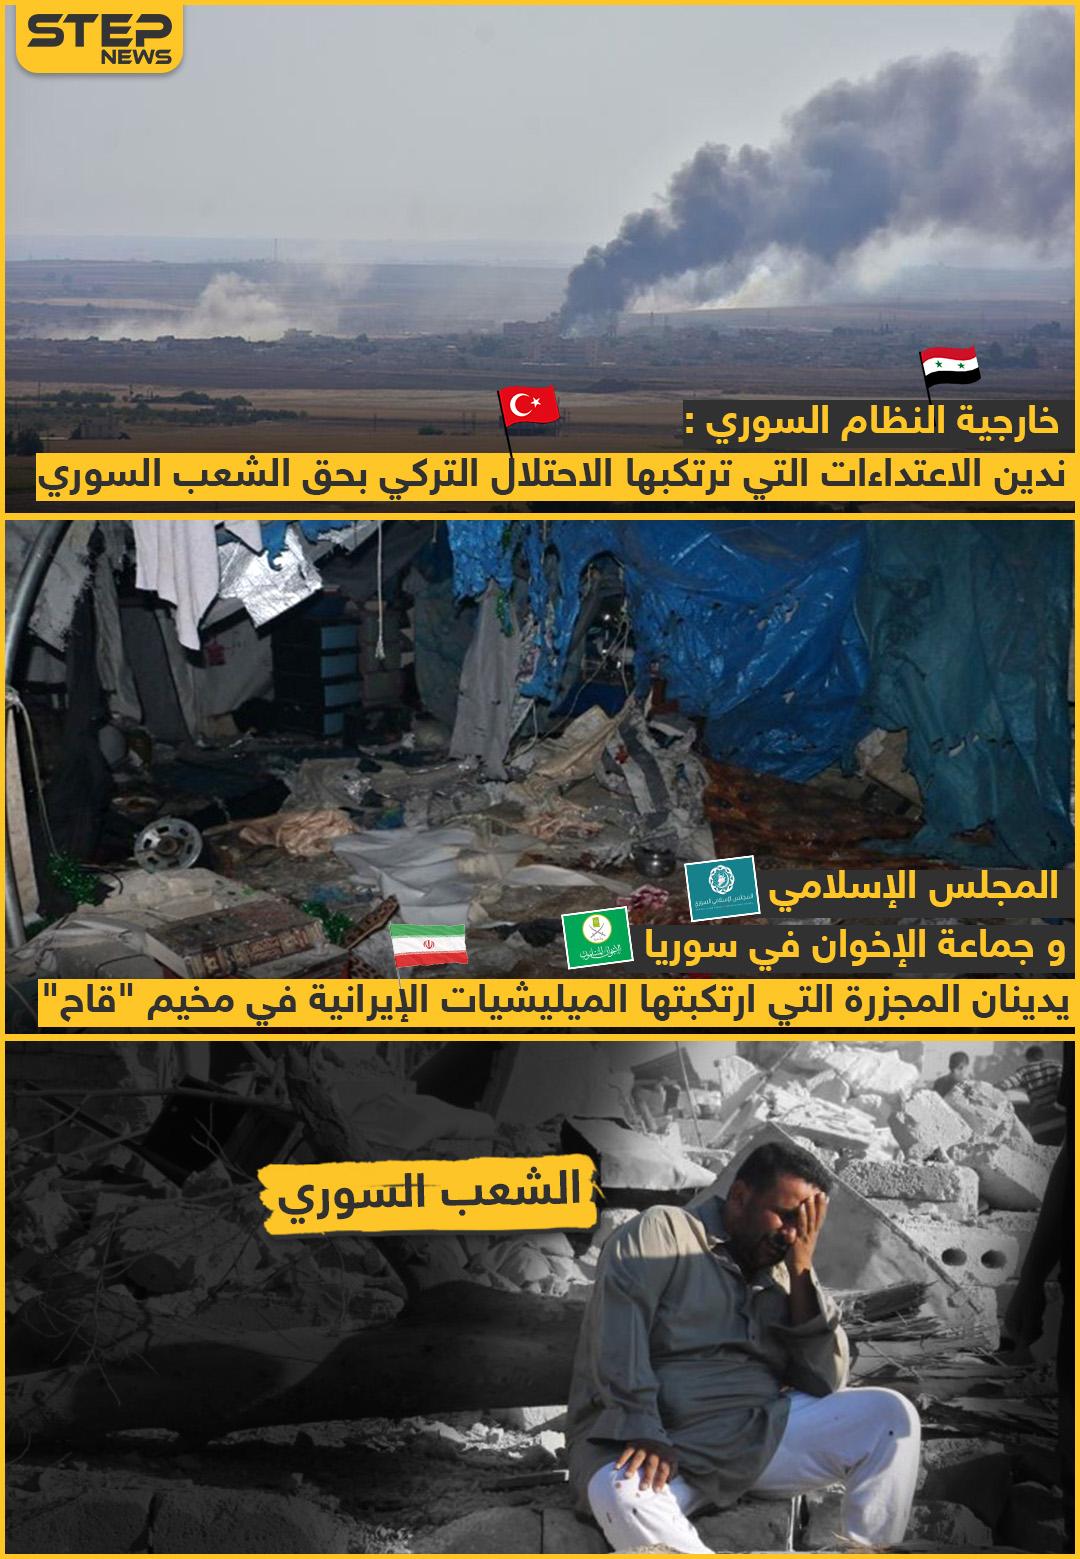 بين الإدانات الشعب السوري يدفع الثمن